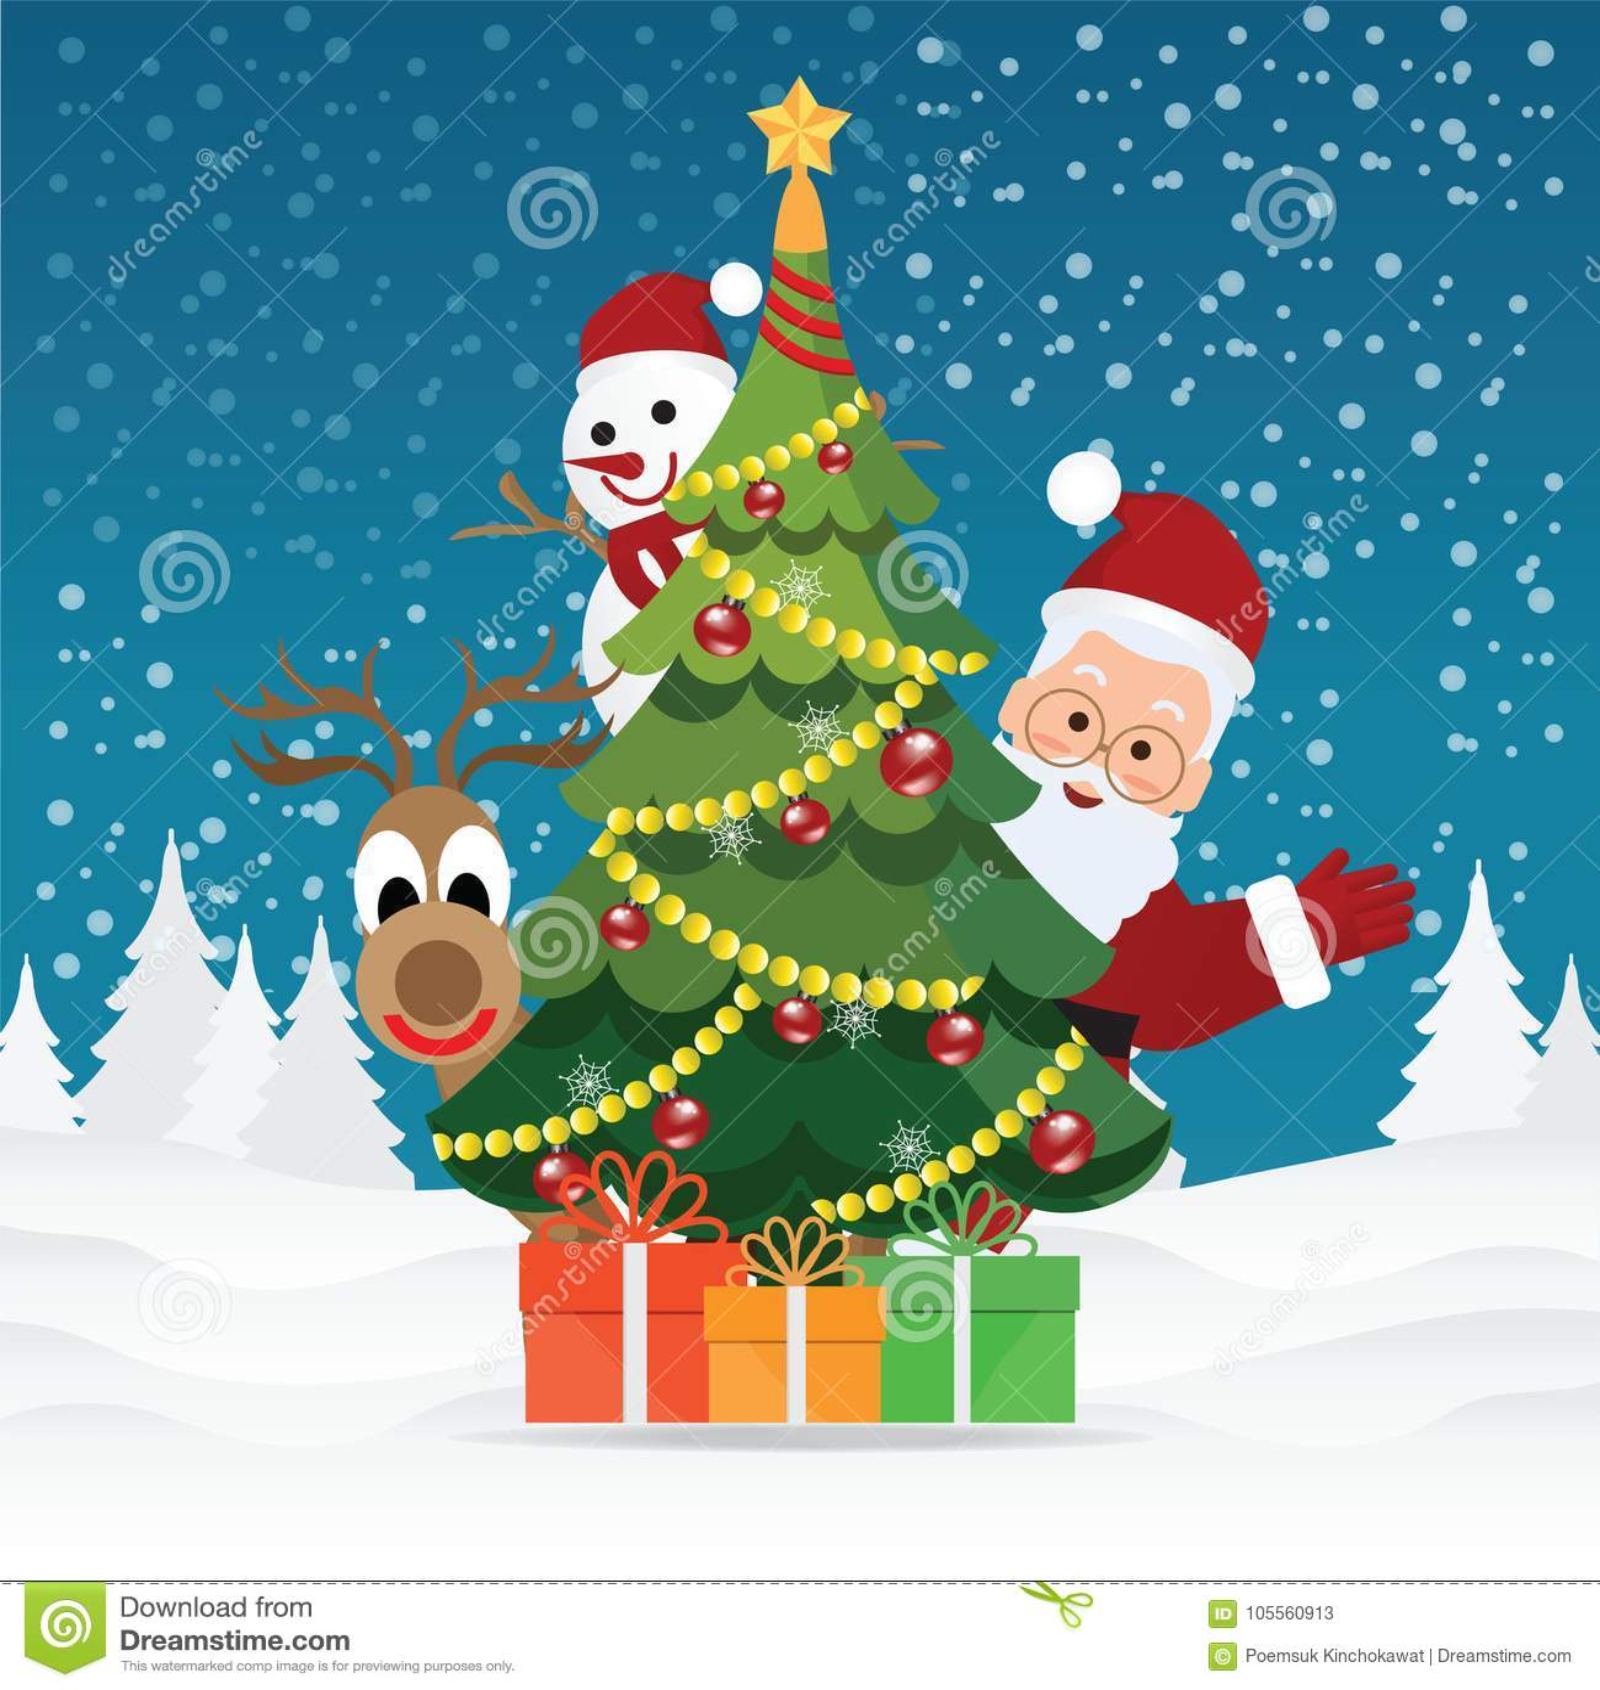 Frohe Weihnachten Grüße.Frohe Weihnacht Gruß Karte Mit Weihnachten Santa Claus Vektor